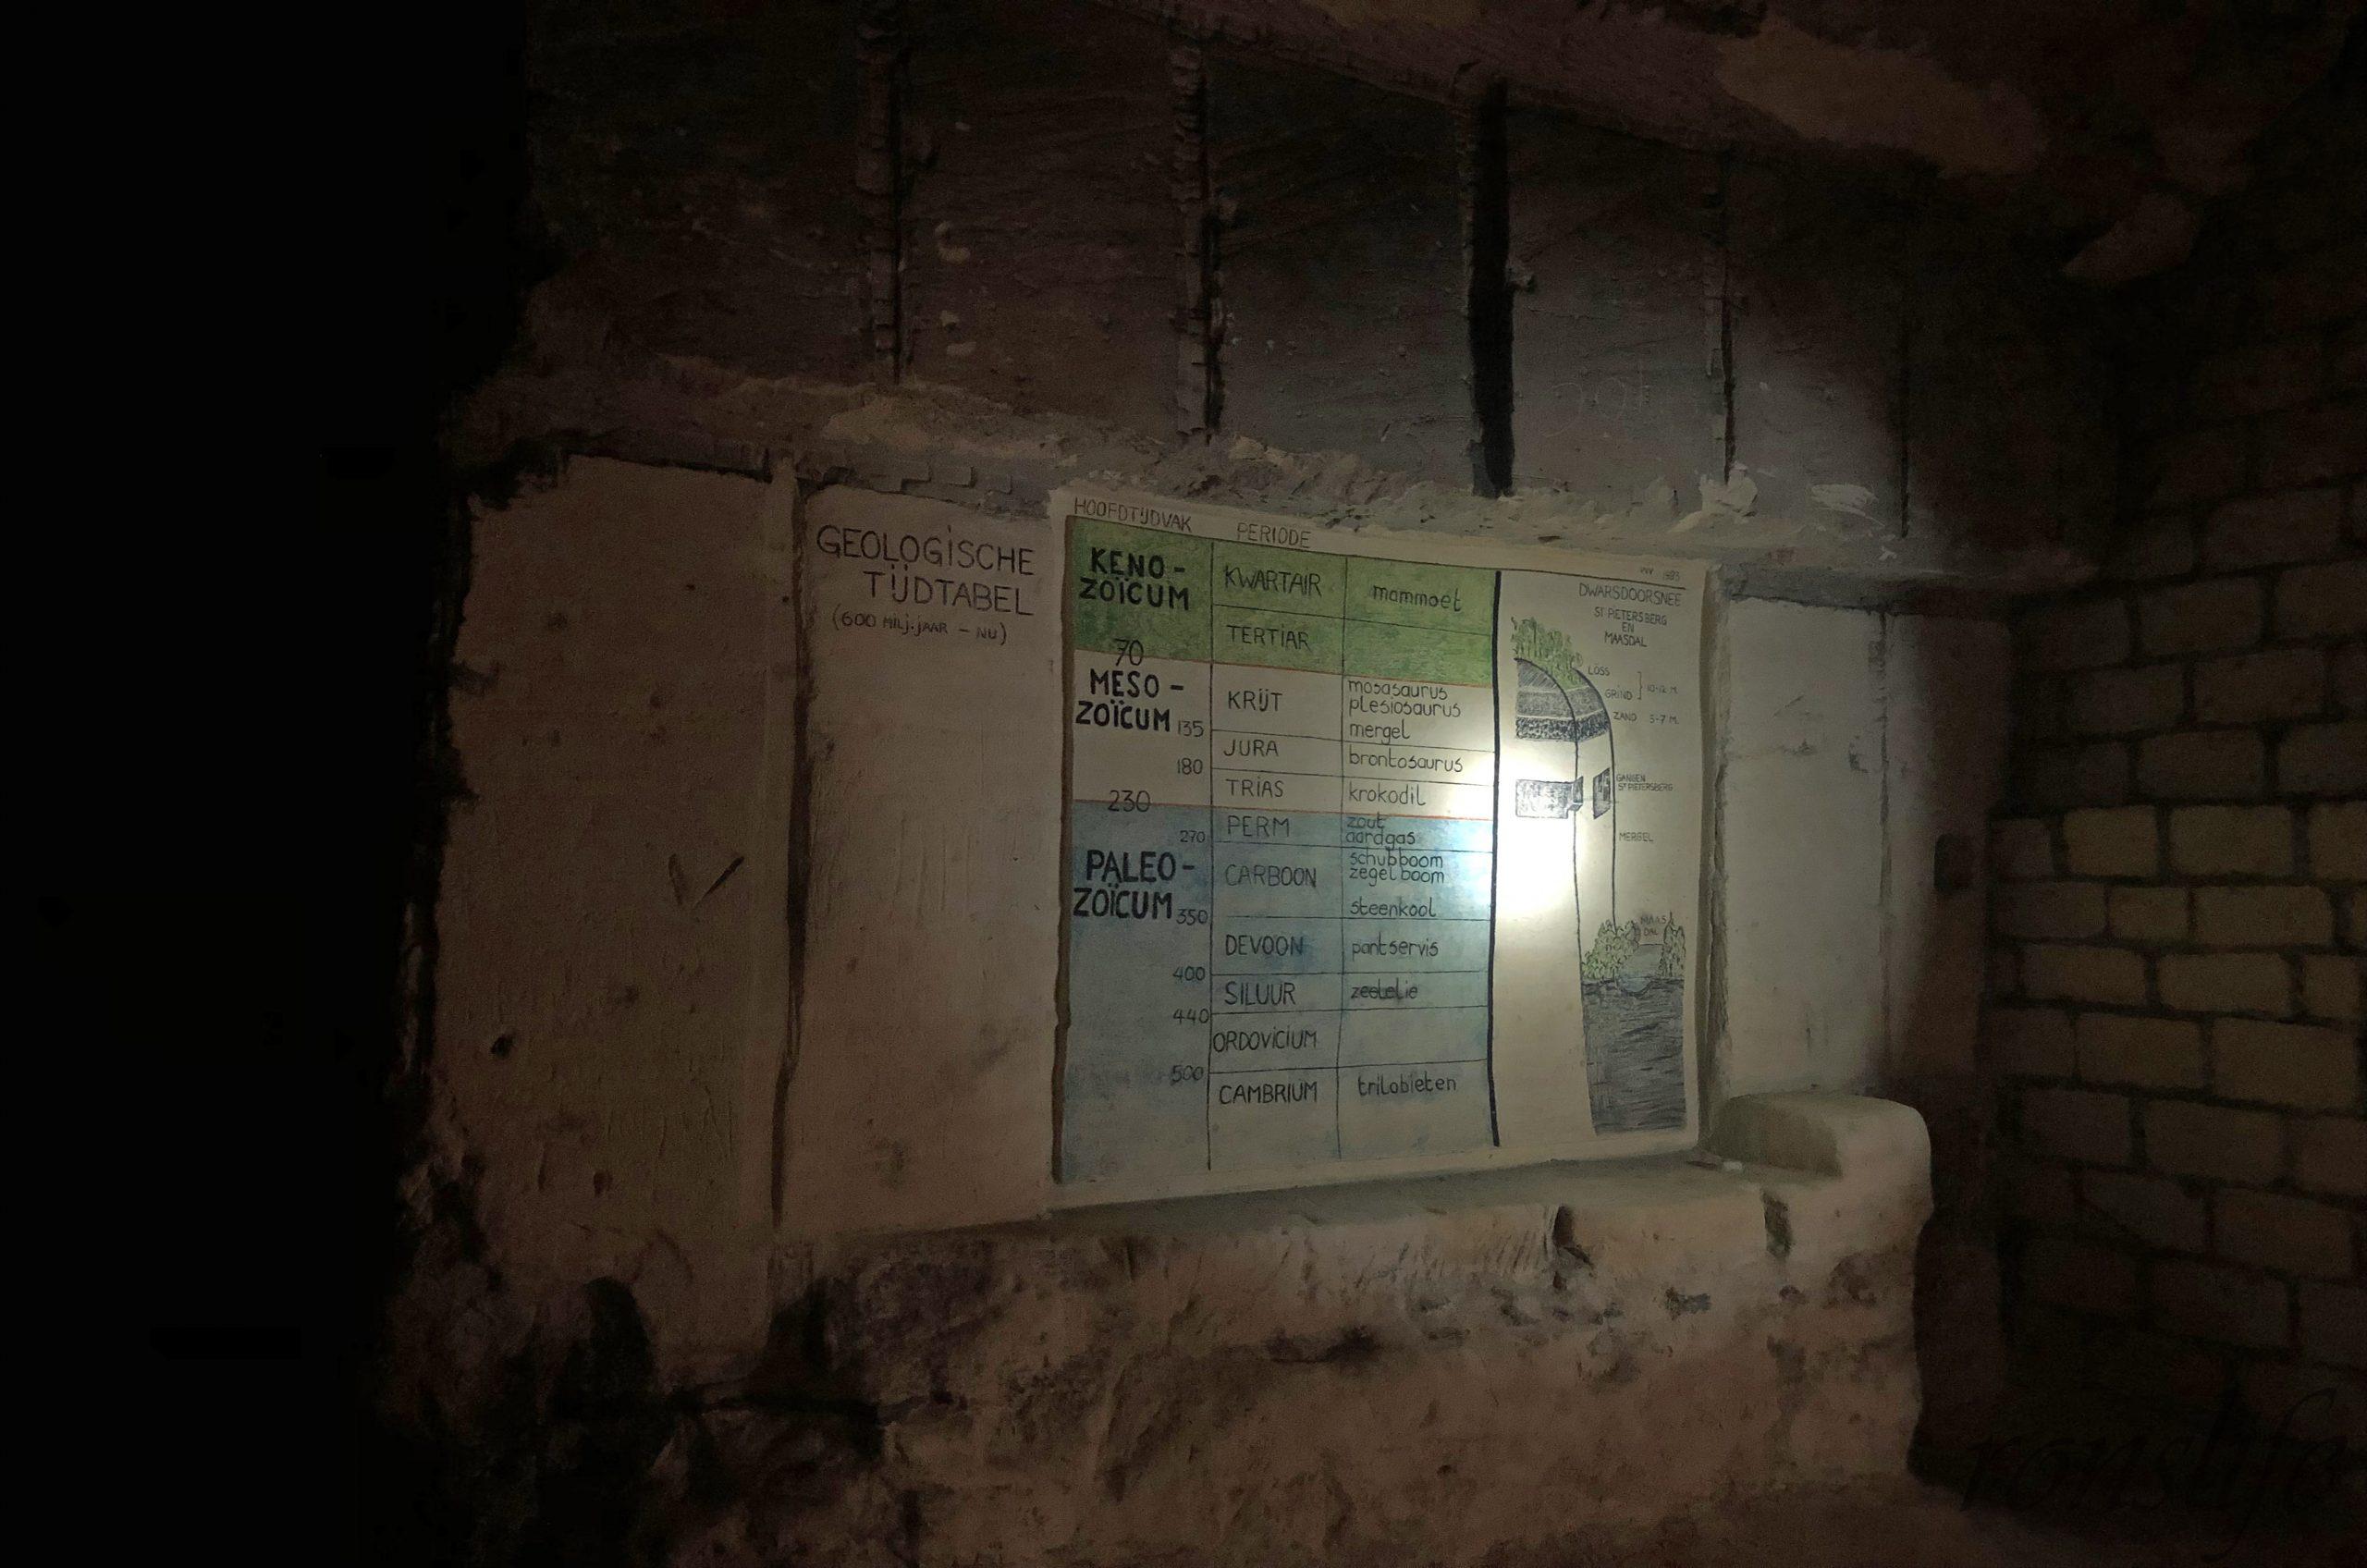 Geologische tijdlabel waarin ook staat wat aangetroffen is in de Sint-Pietersberg Maastricht